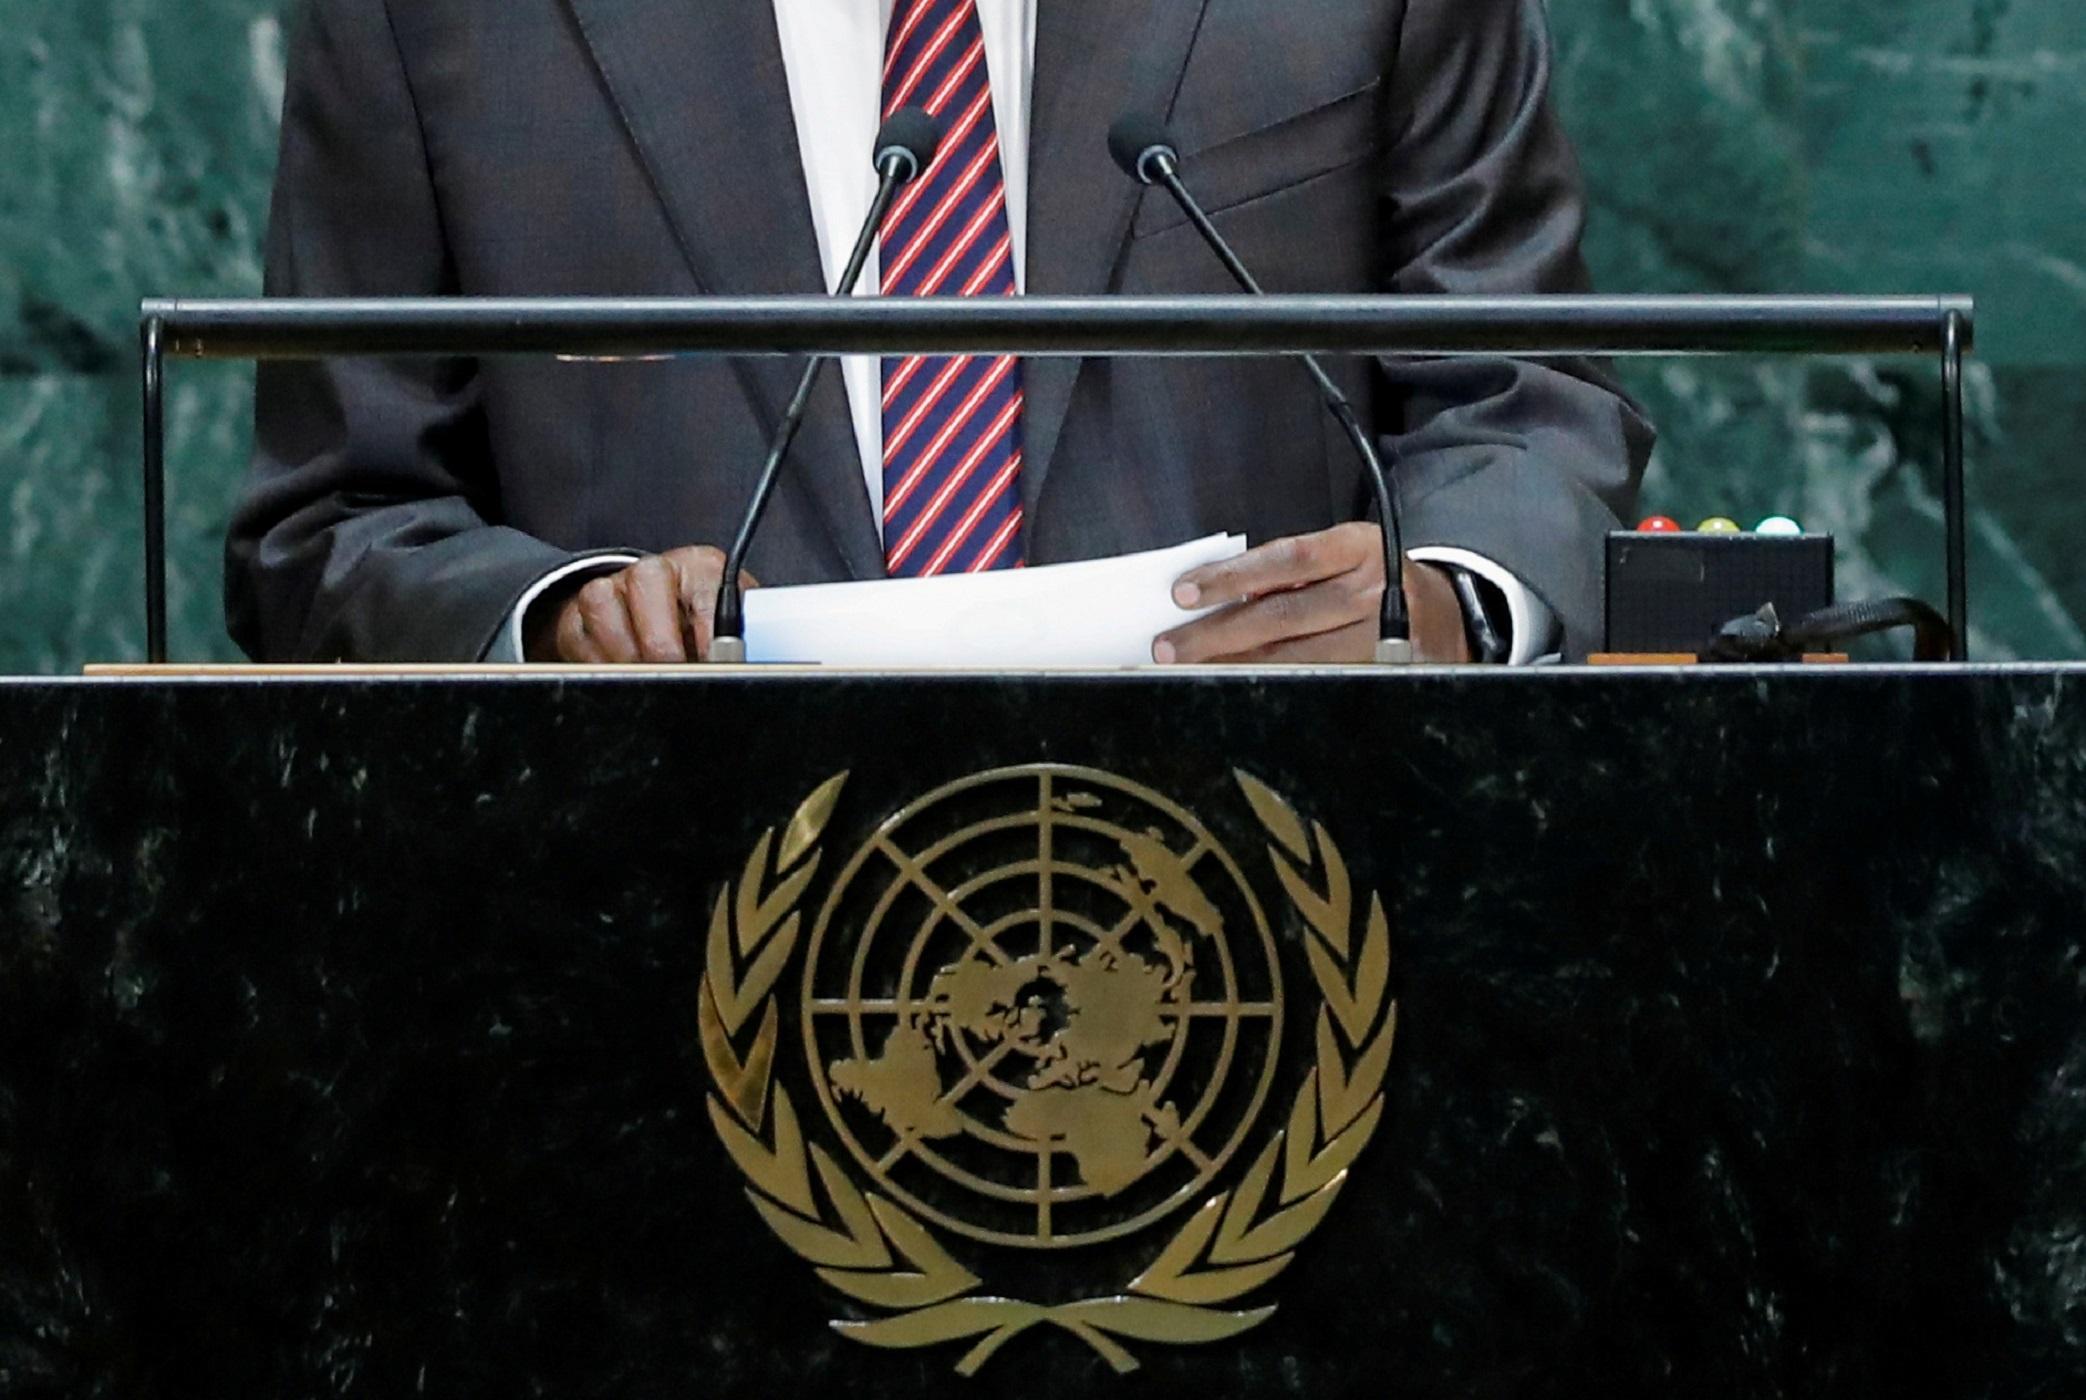 ΟΗΕ: 100 εκατομμύρια δολάρια για 7 χώρες ανάμεσά τους και η Αιθιοπία